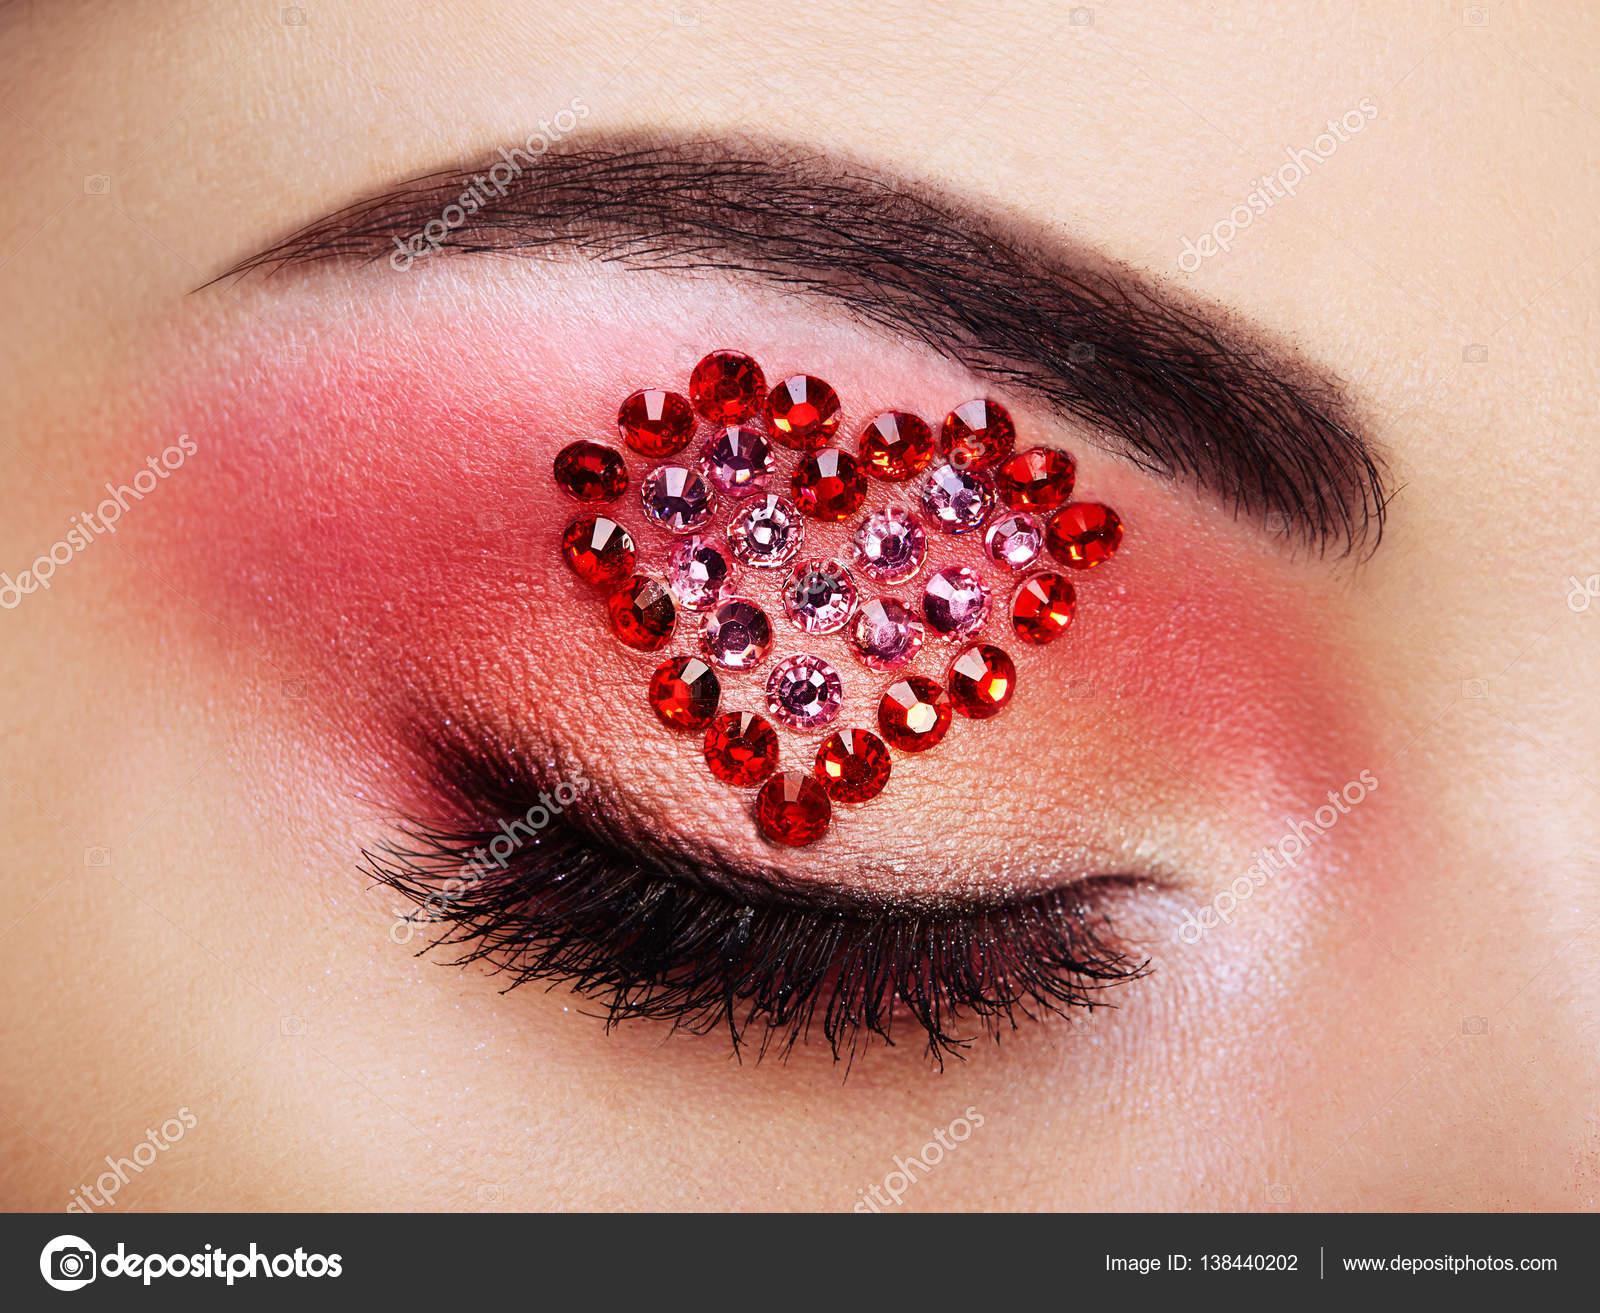 Fashion eye makeup